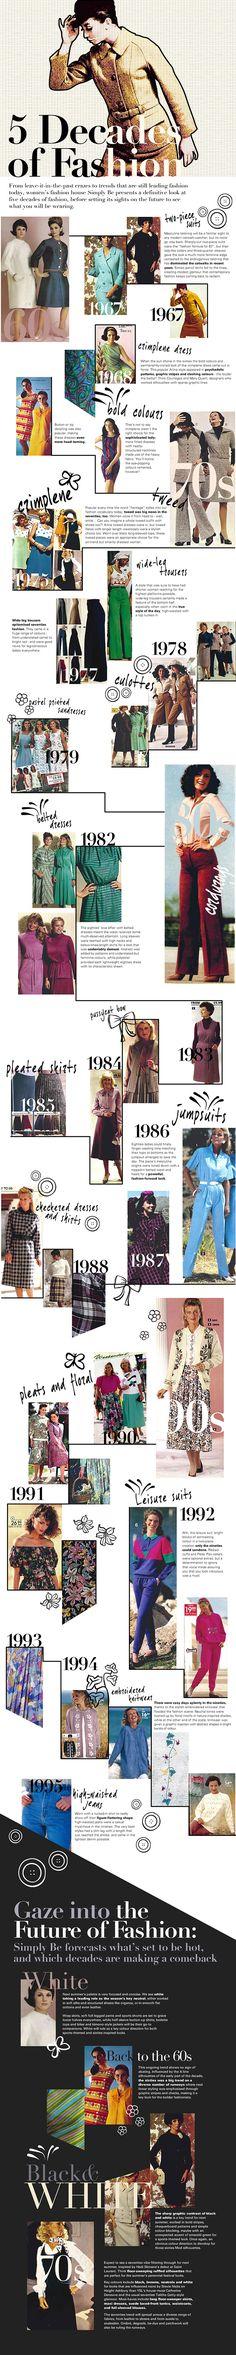 5 Decades of Fashion